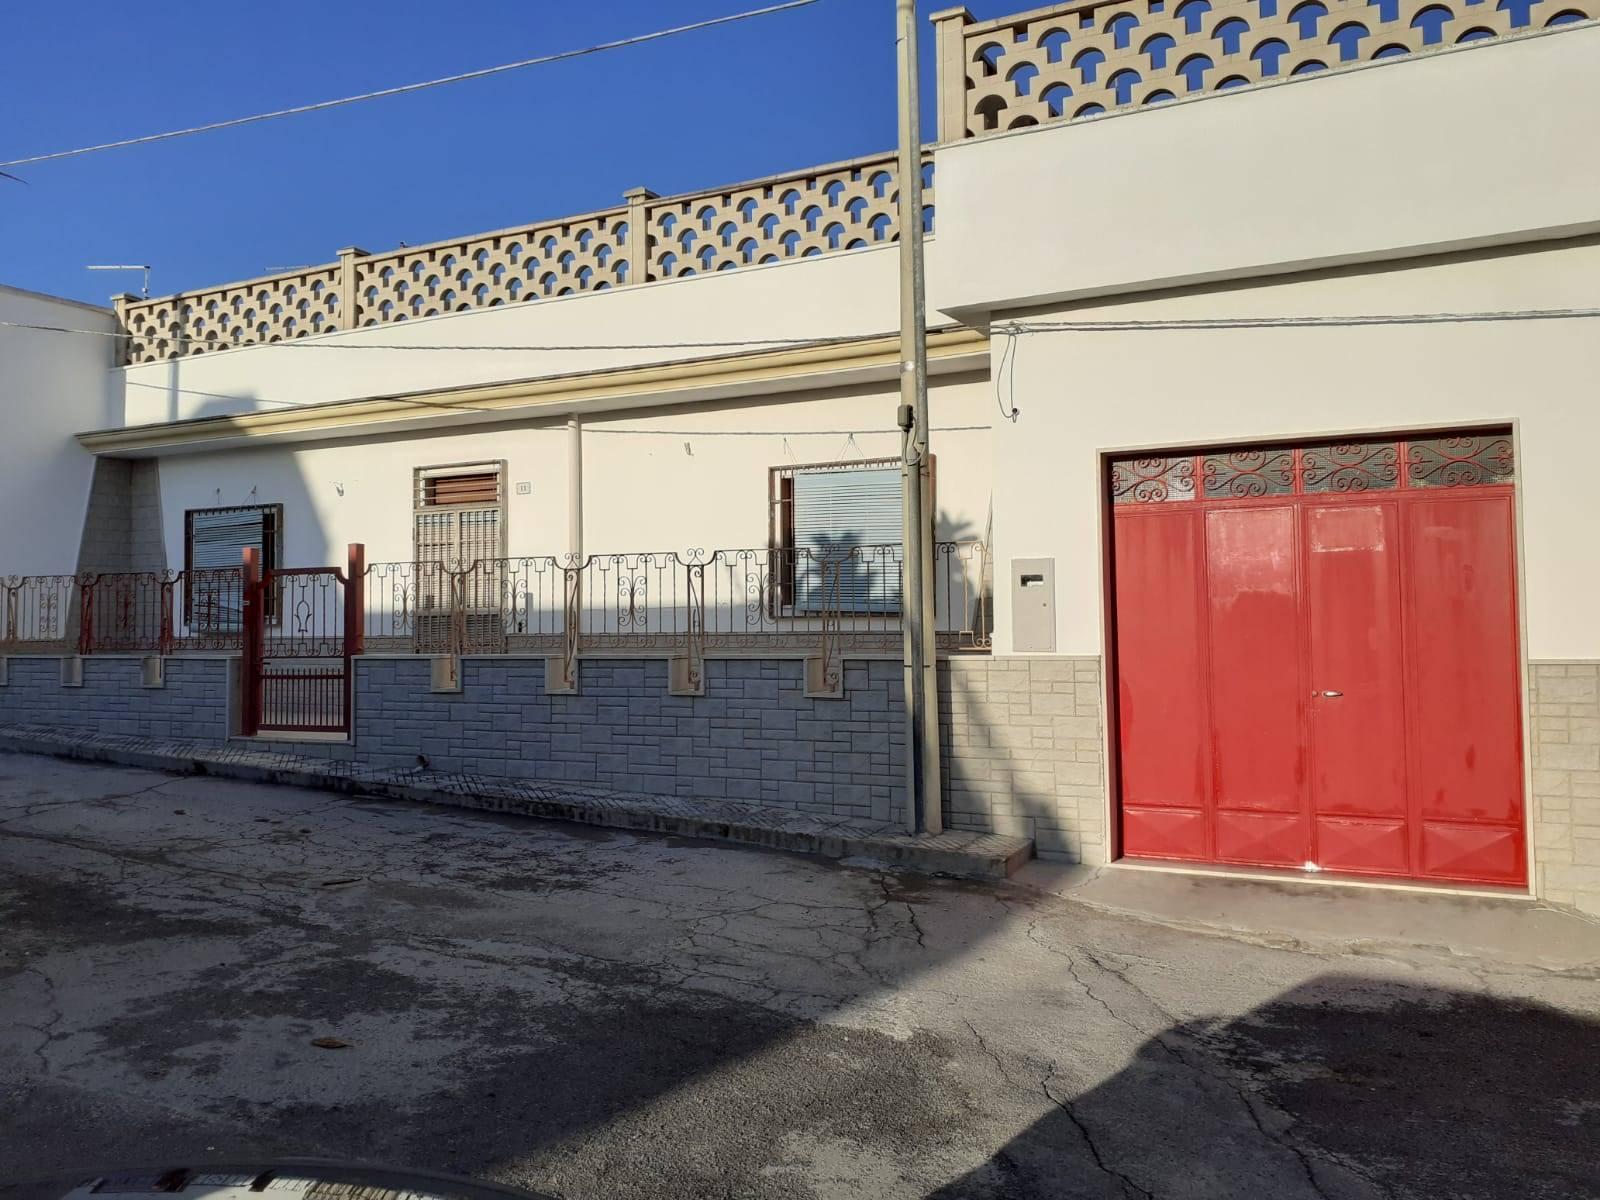 Soluzione Indipendente in vendita a Manduria, 3 locali, zona Località: SAN PIETRO, prezzo € 125.000 | CambioCasa.it